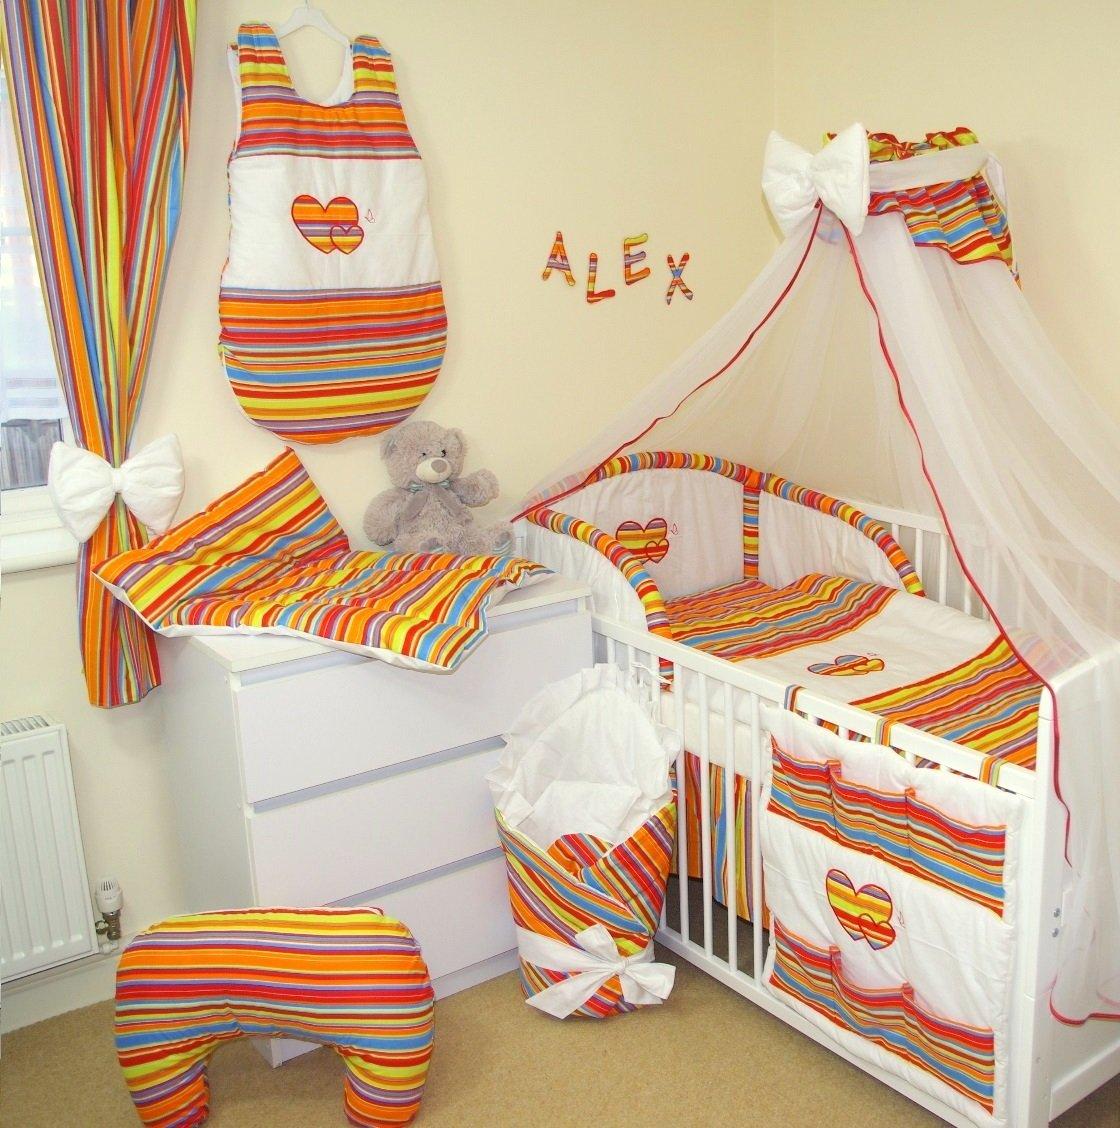 10 tlg BABY BETTWÄSCHE BETTSET MIT STICKEREI (15 FARBEN) (fürs BABYBETT 120/60 cm, 1. Orange Streifen / Weiß) Baby' s Comfort